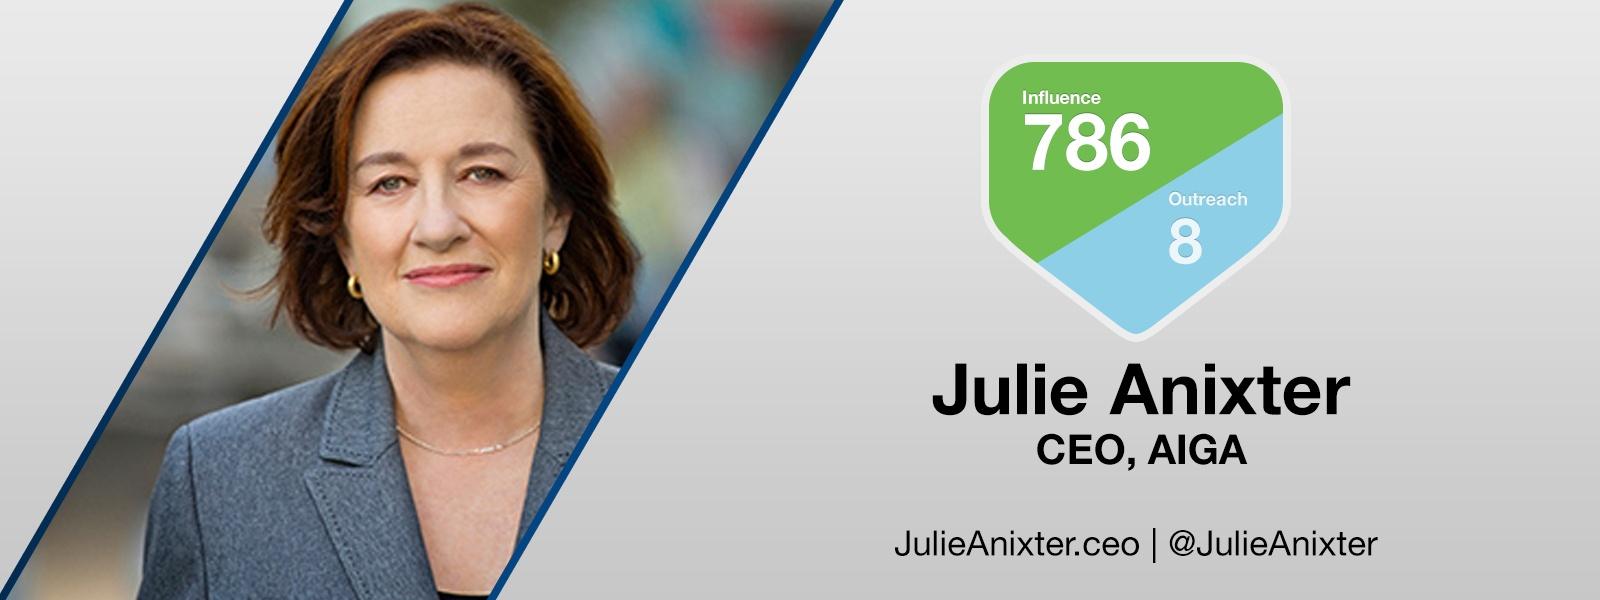 julieanixter-1.jpg